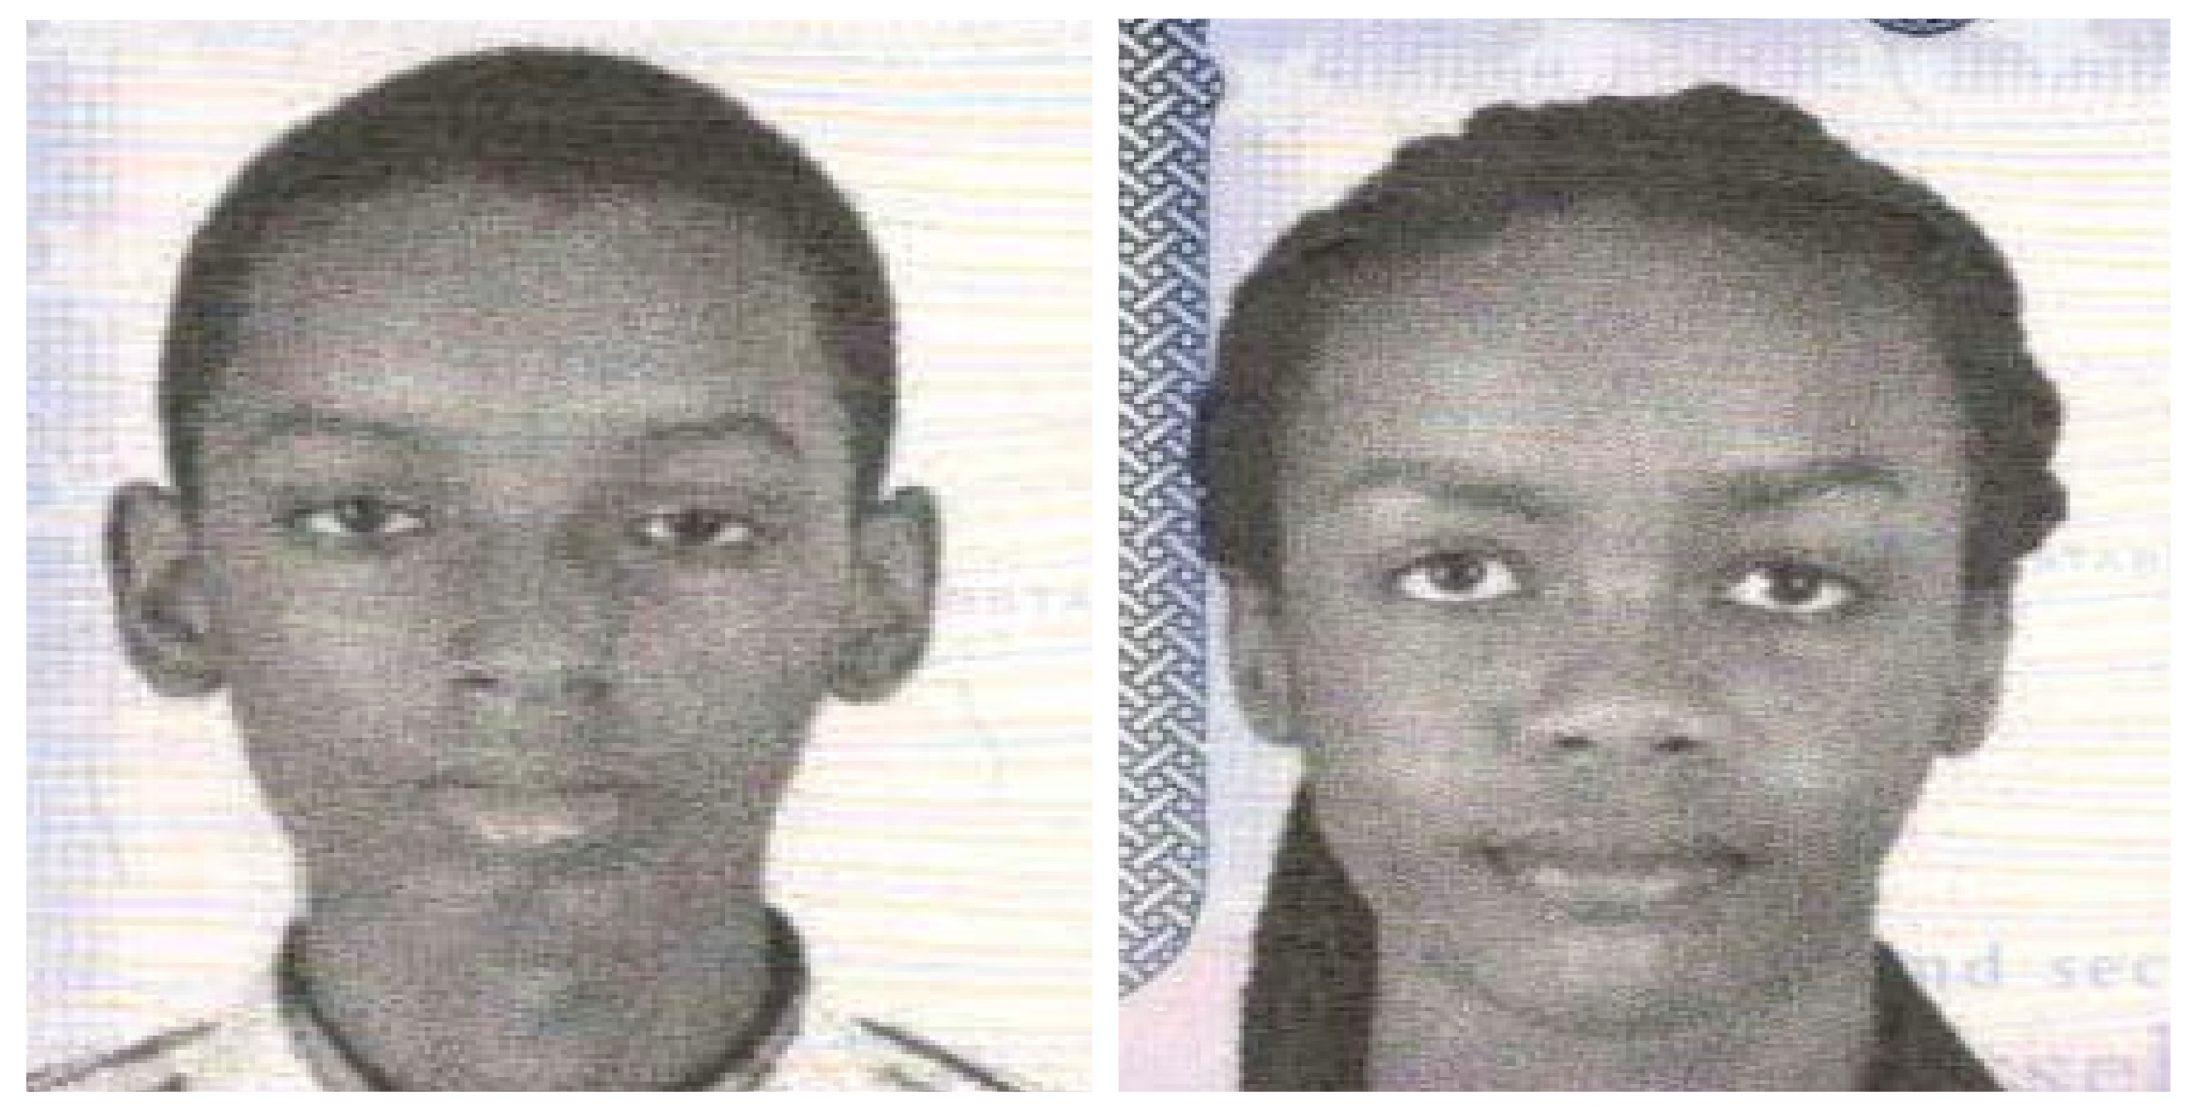 Missing Burundi robotics team members found safe in Canada